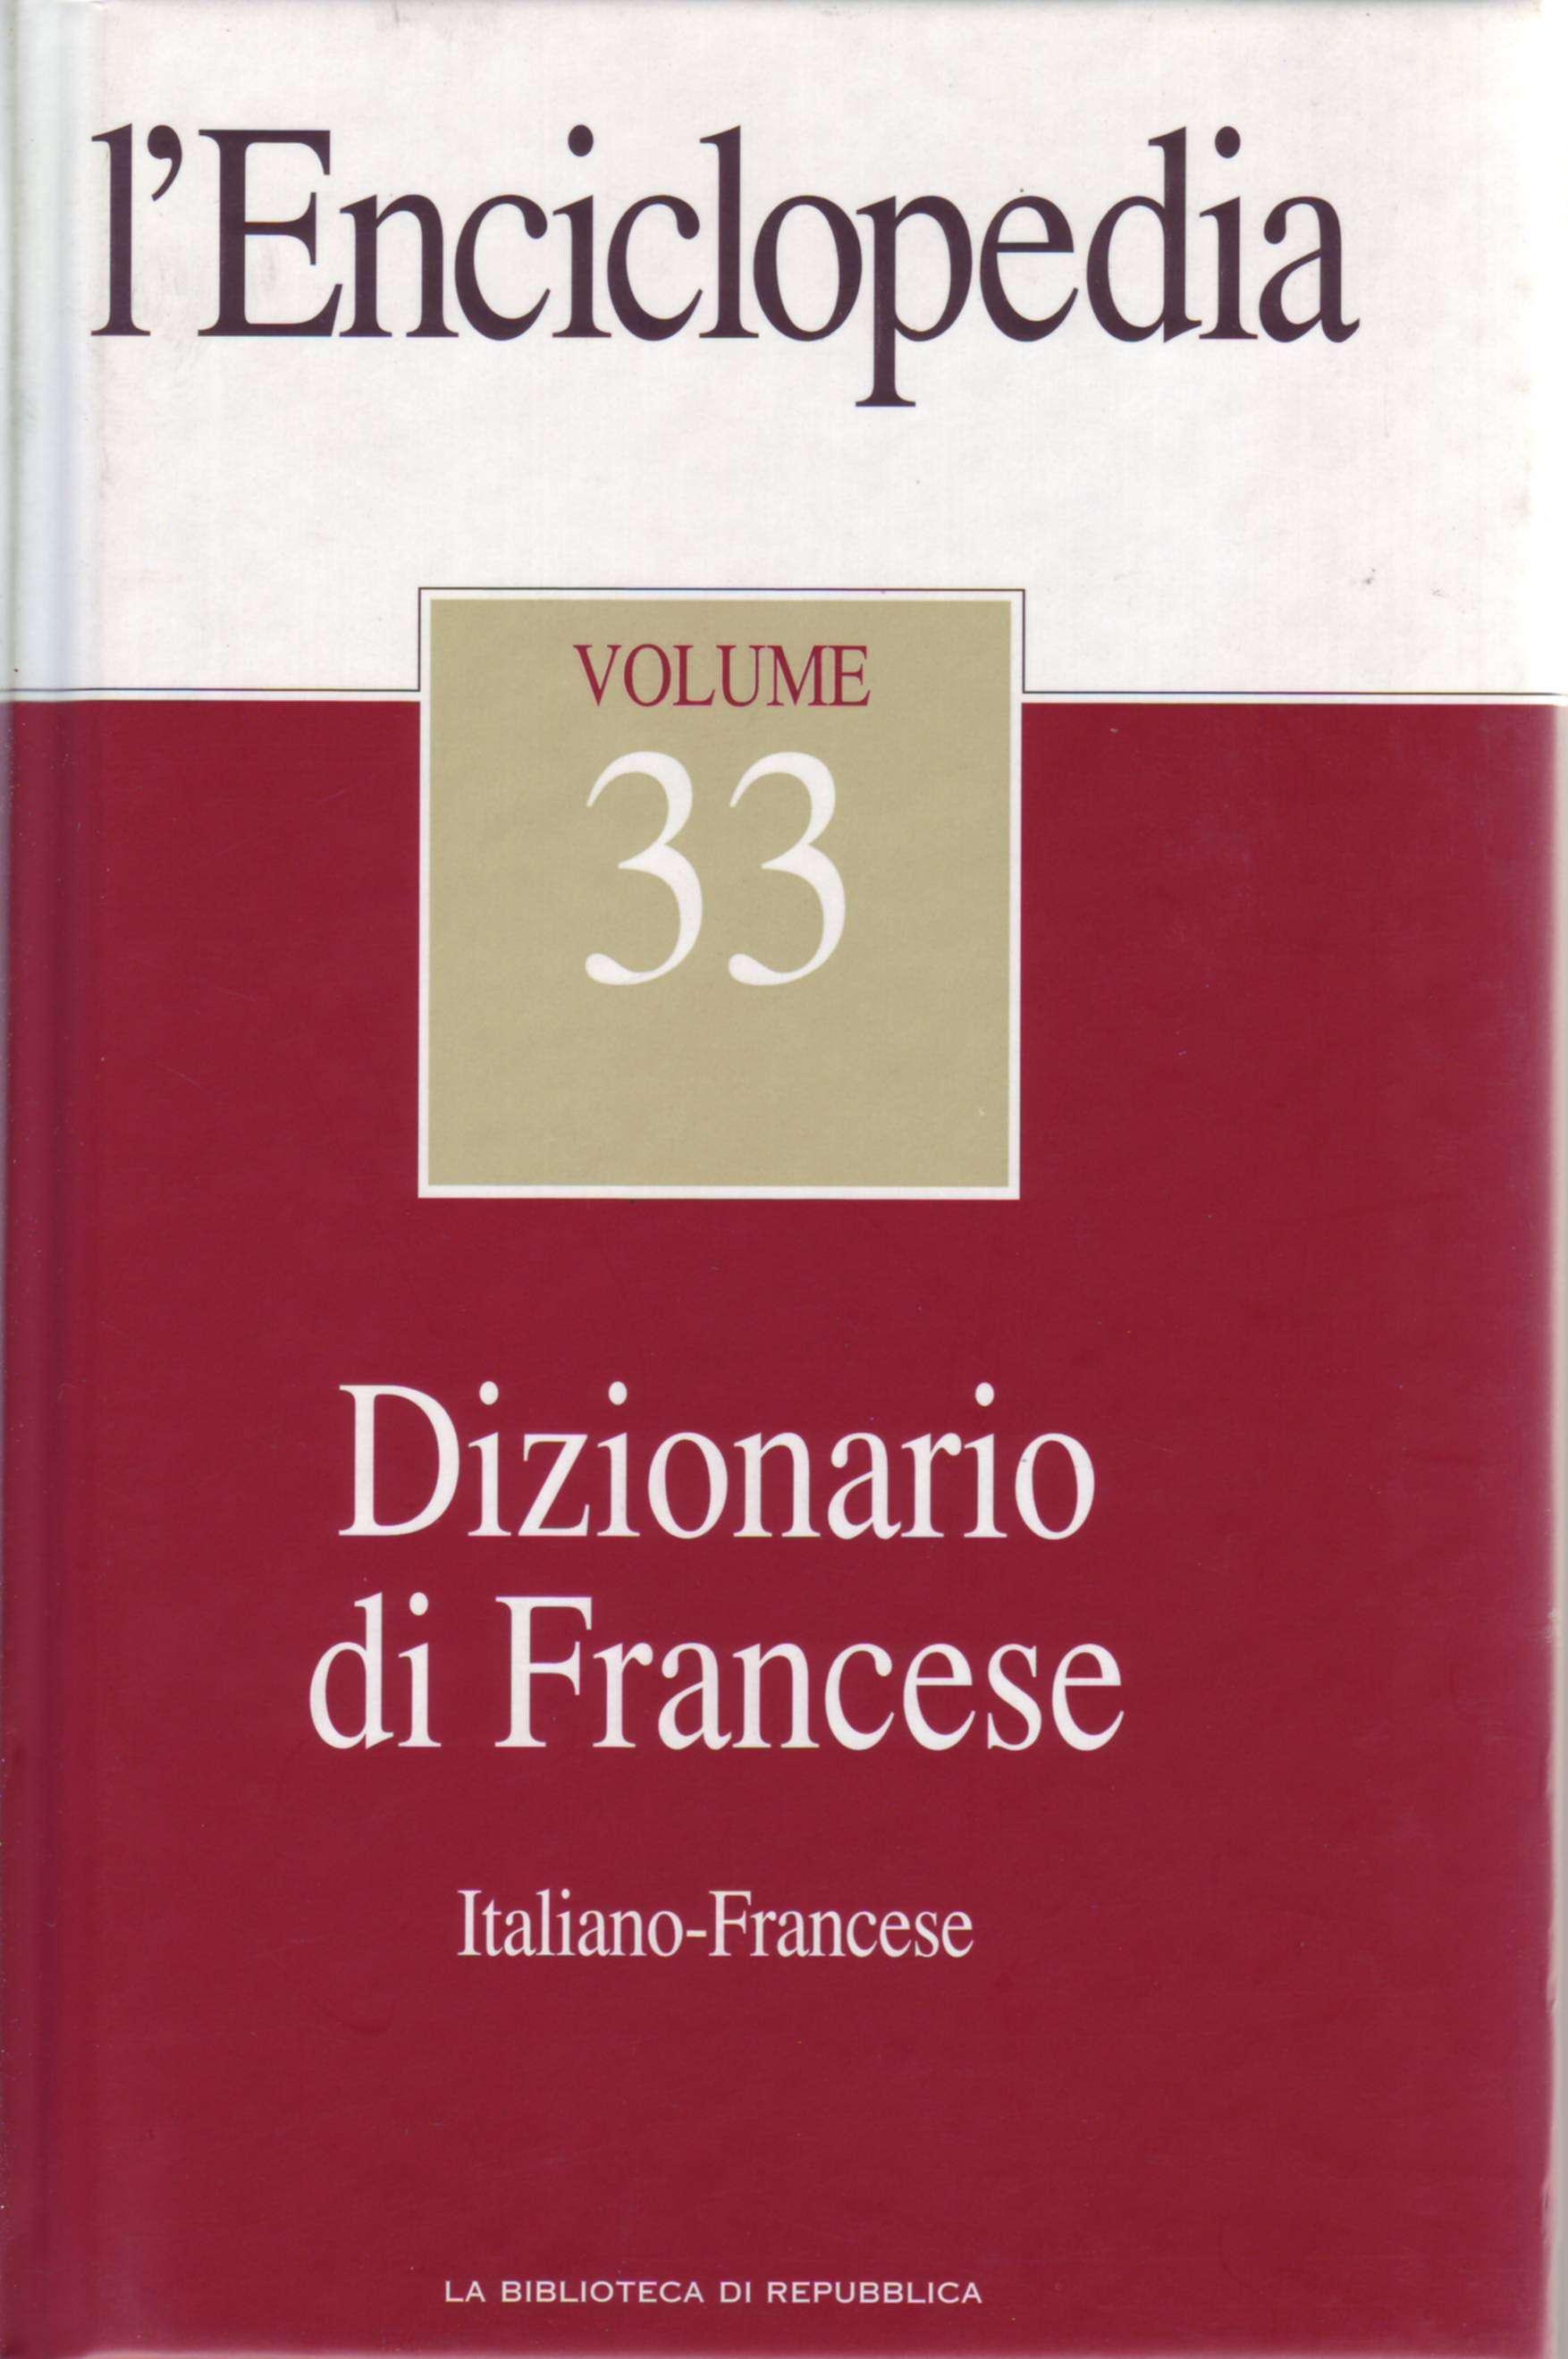 L'Enciclopedia - Vol. 33 - Dizionario di Francese 2